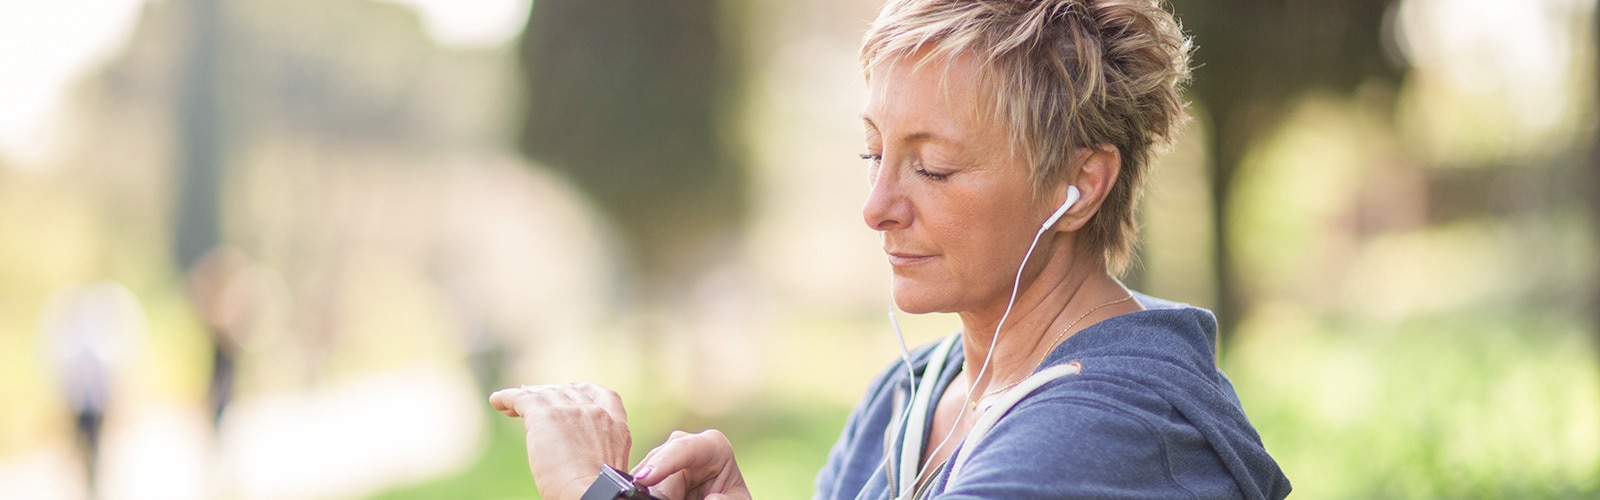 Kõrvaklappidega naisjooksja vaatab käekella